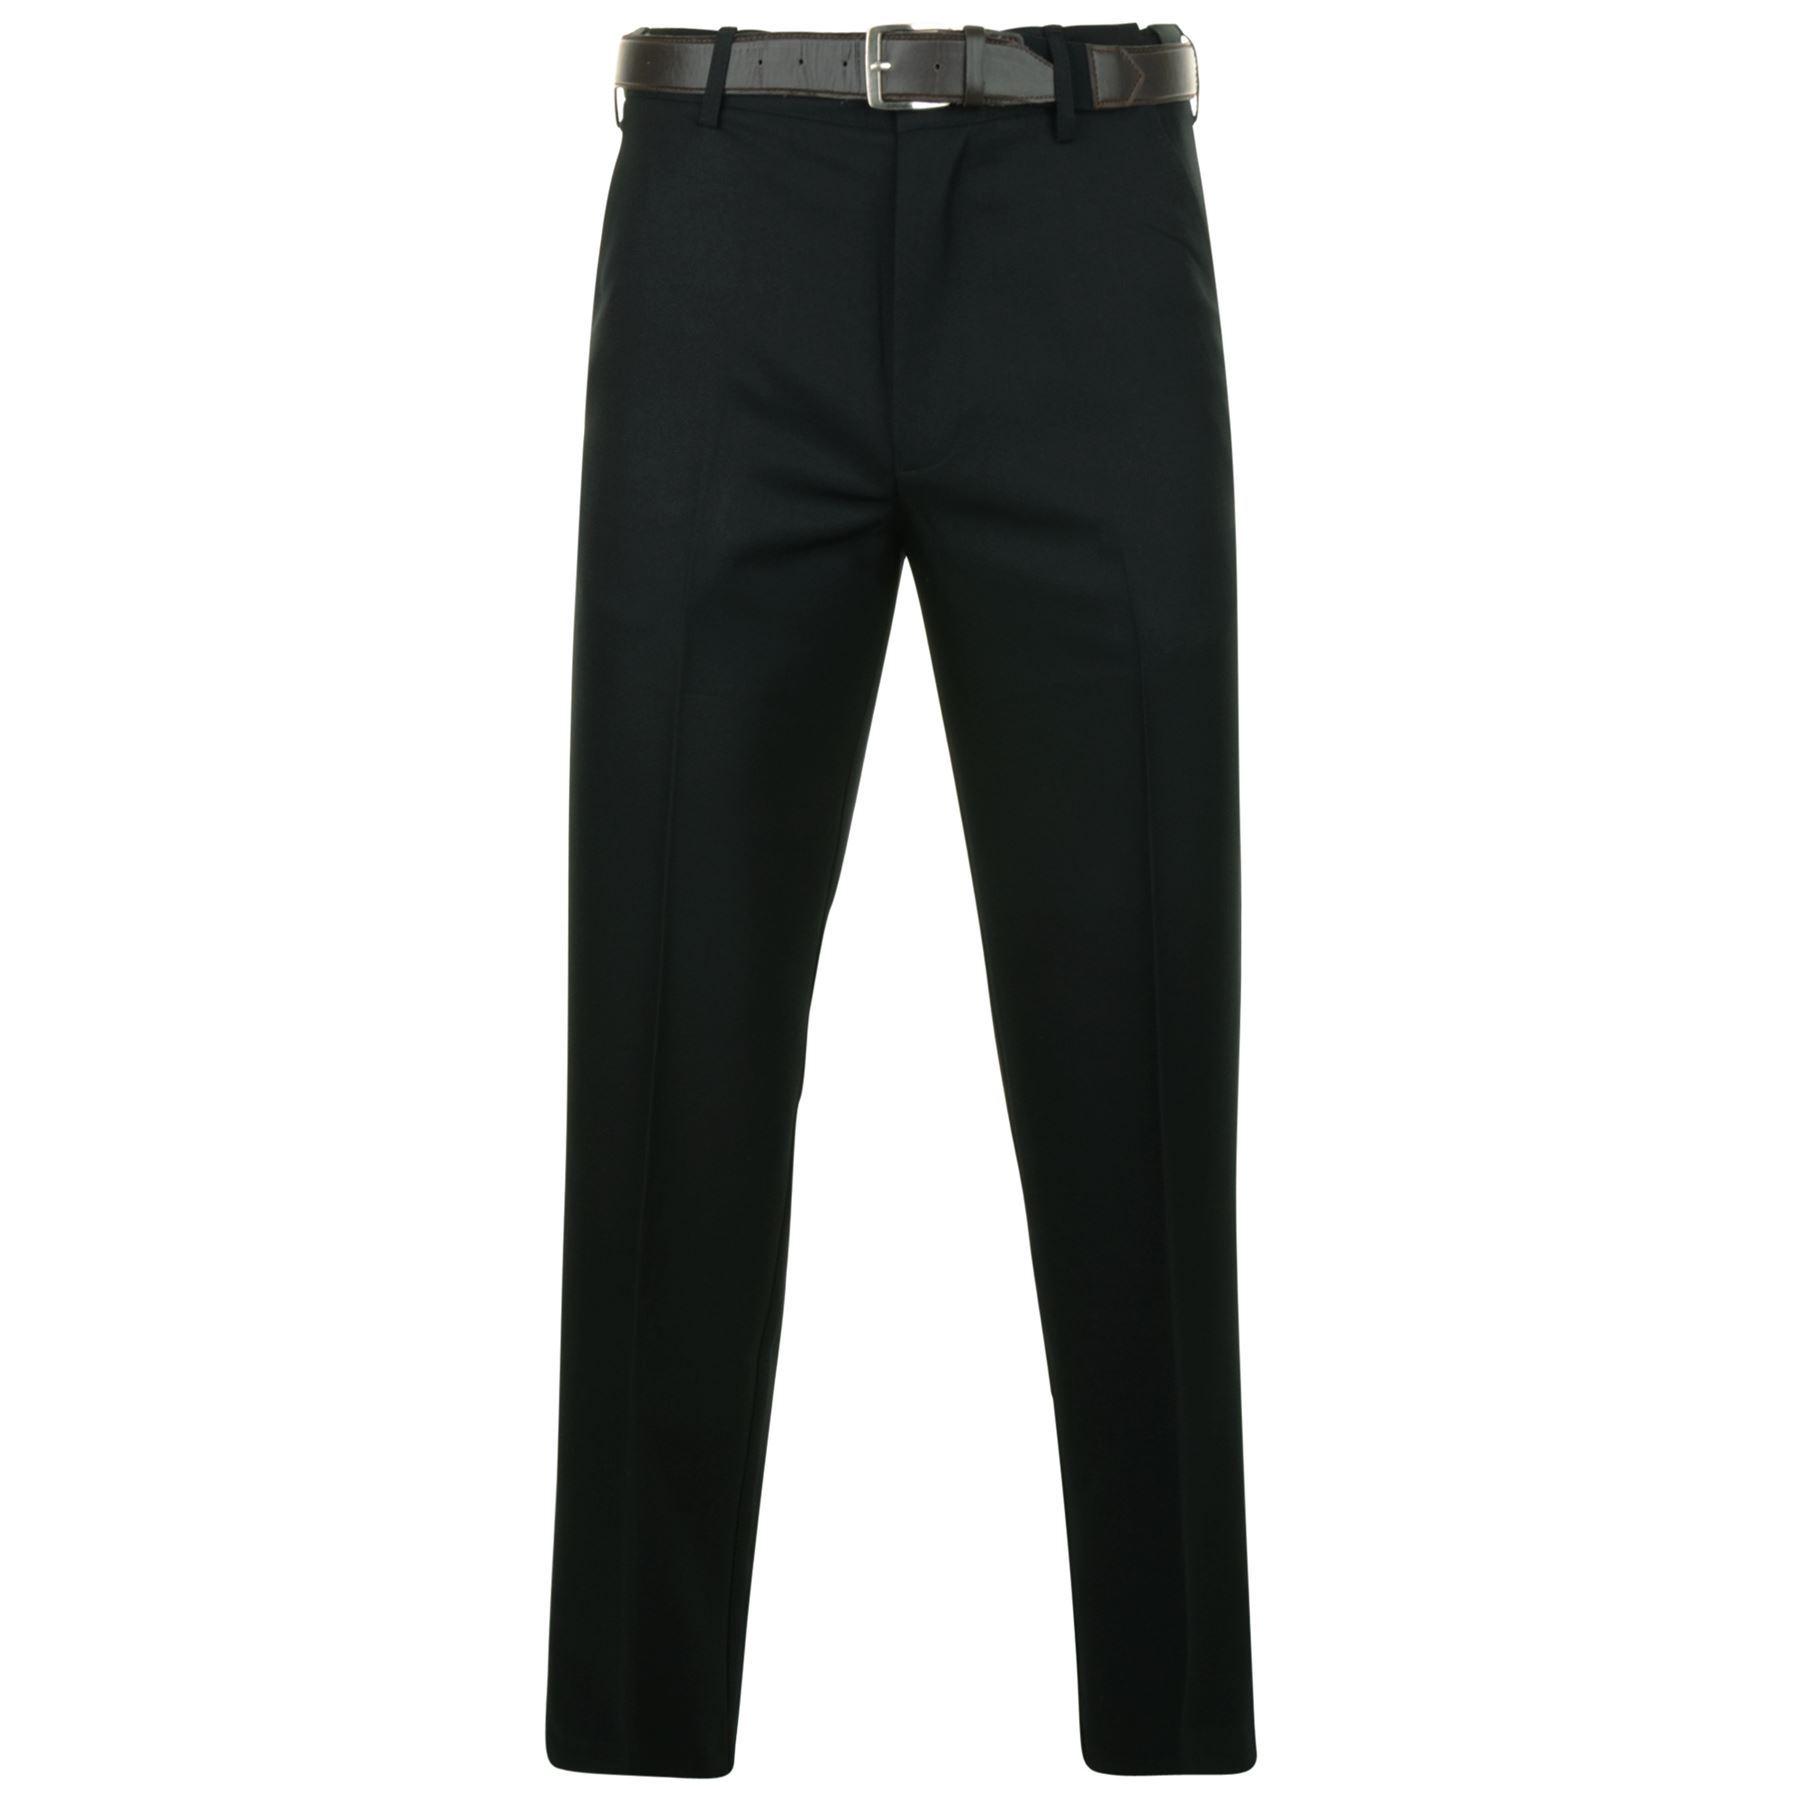 Kam Hombre Flexi Cintura Pantalones De Vestir 259 En Negro 40 60 L27 33 Ebay